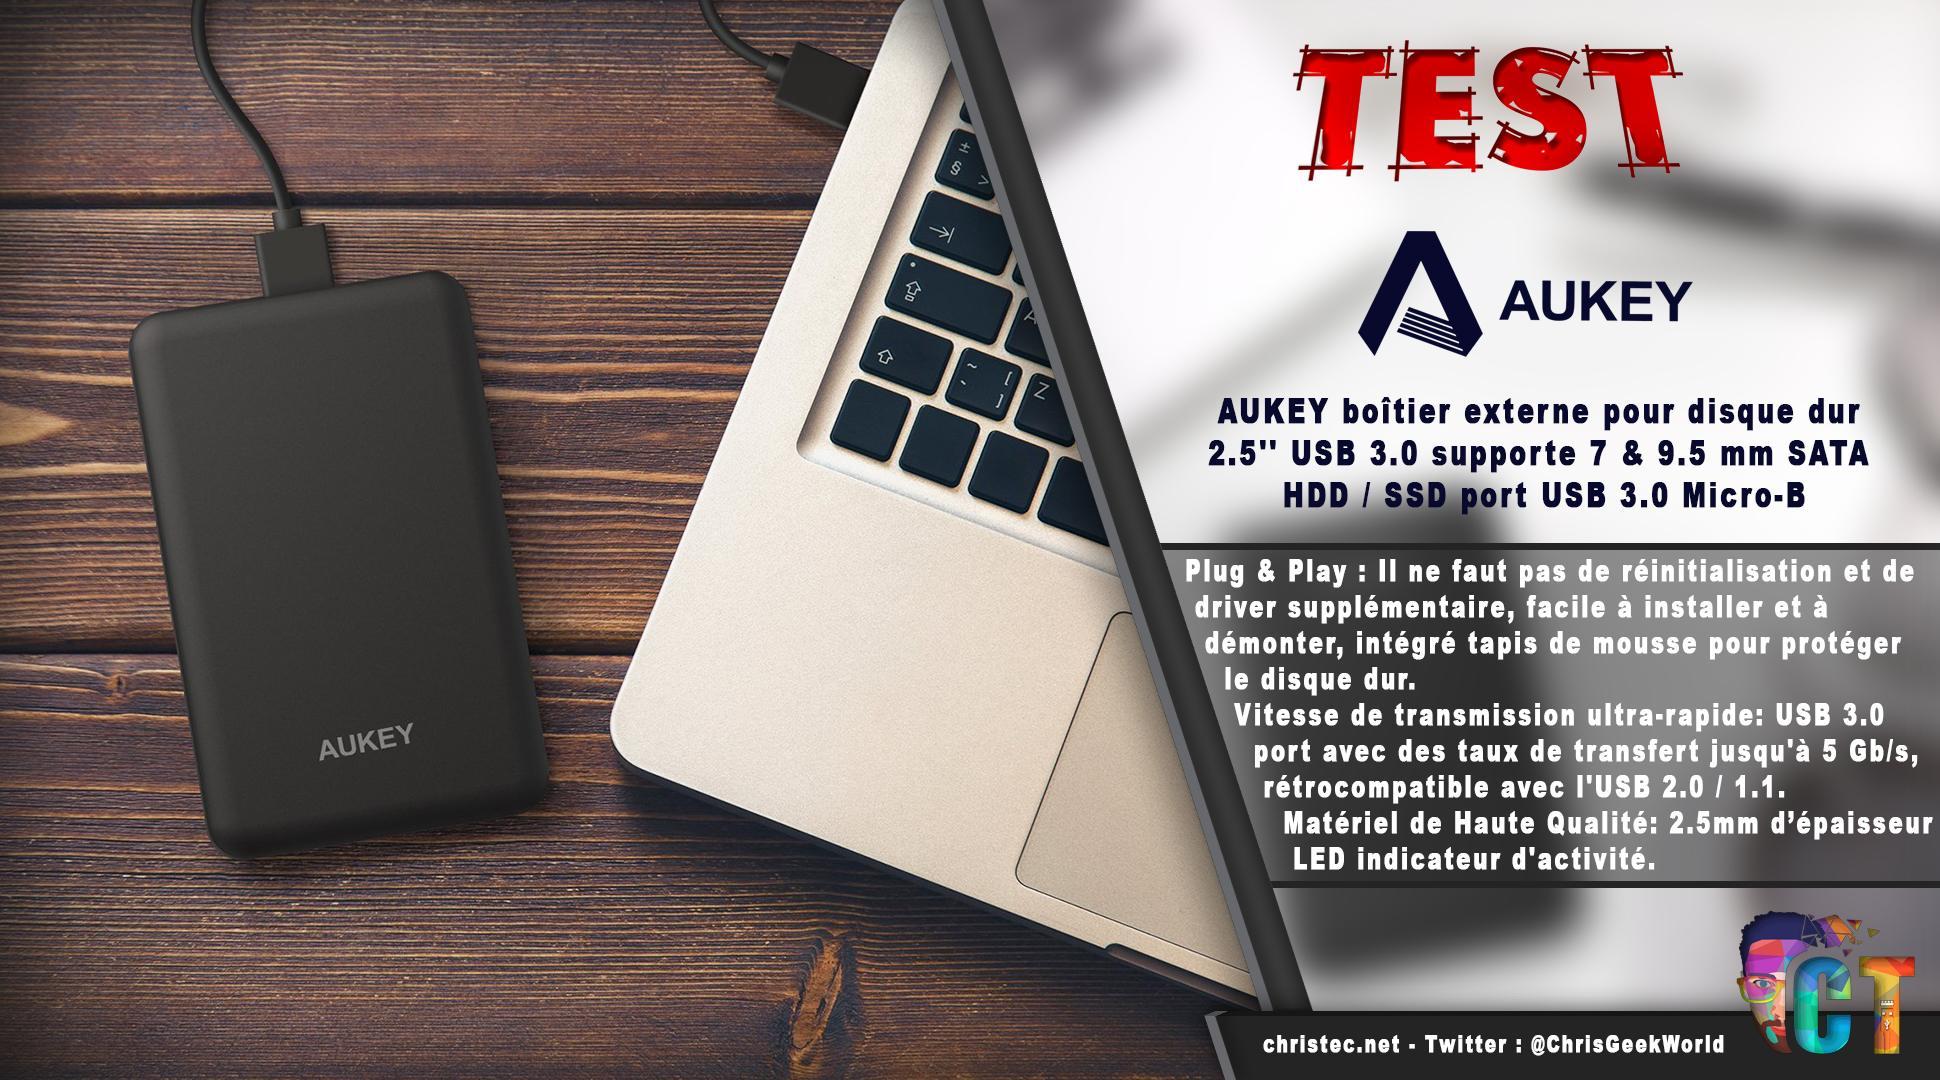 image en-tête test du boîtier USB3 Aukey pour disque dur